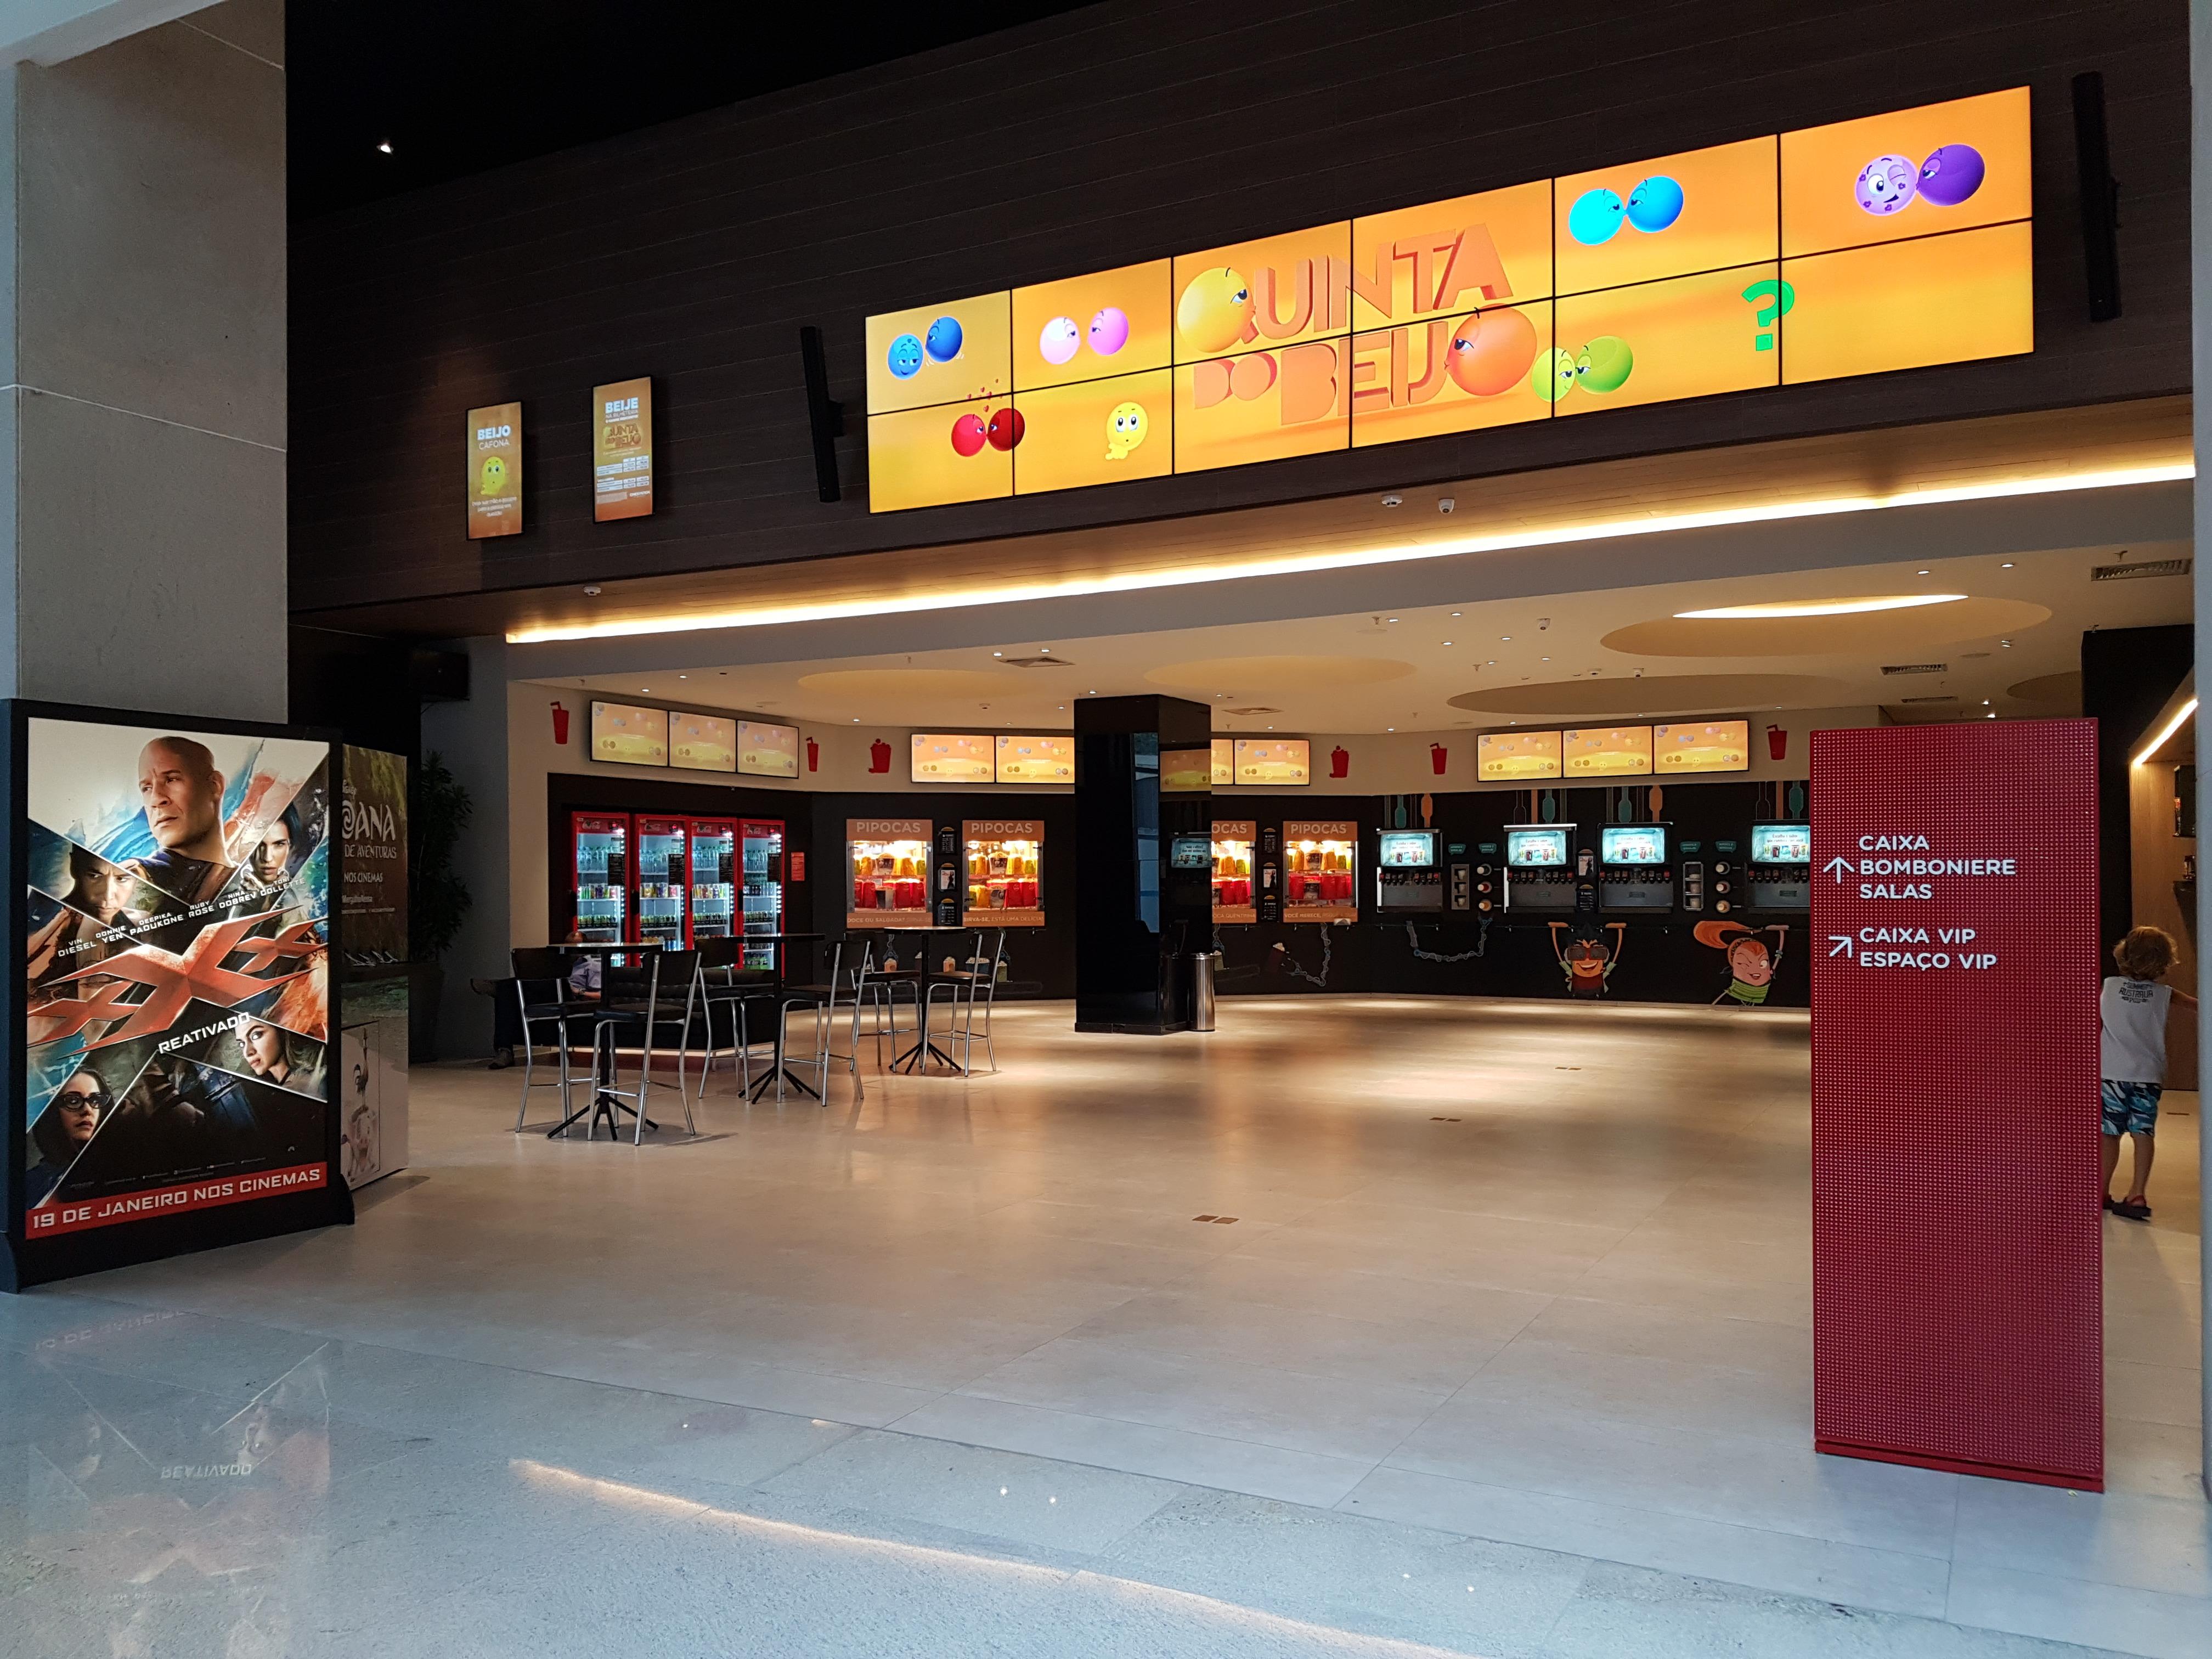 cinema-entrada-no-morumbi